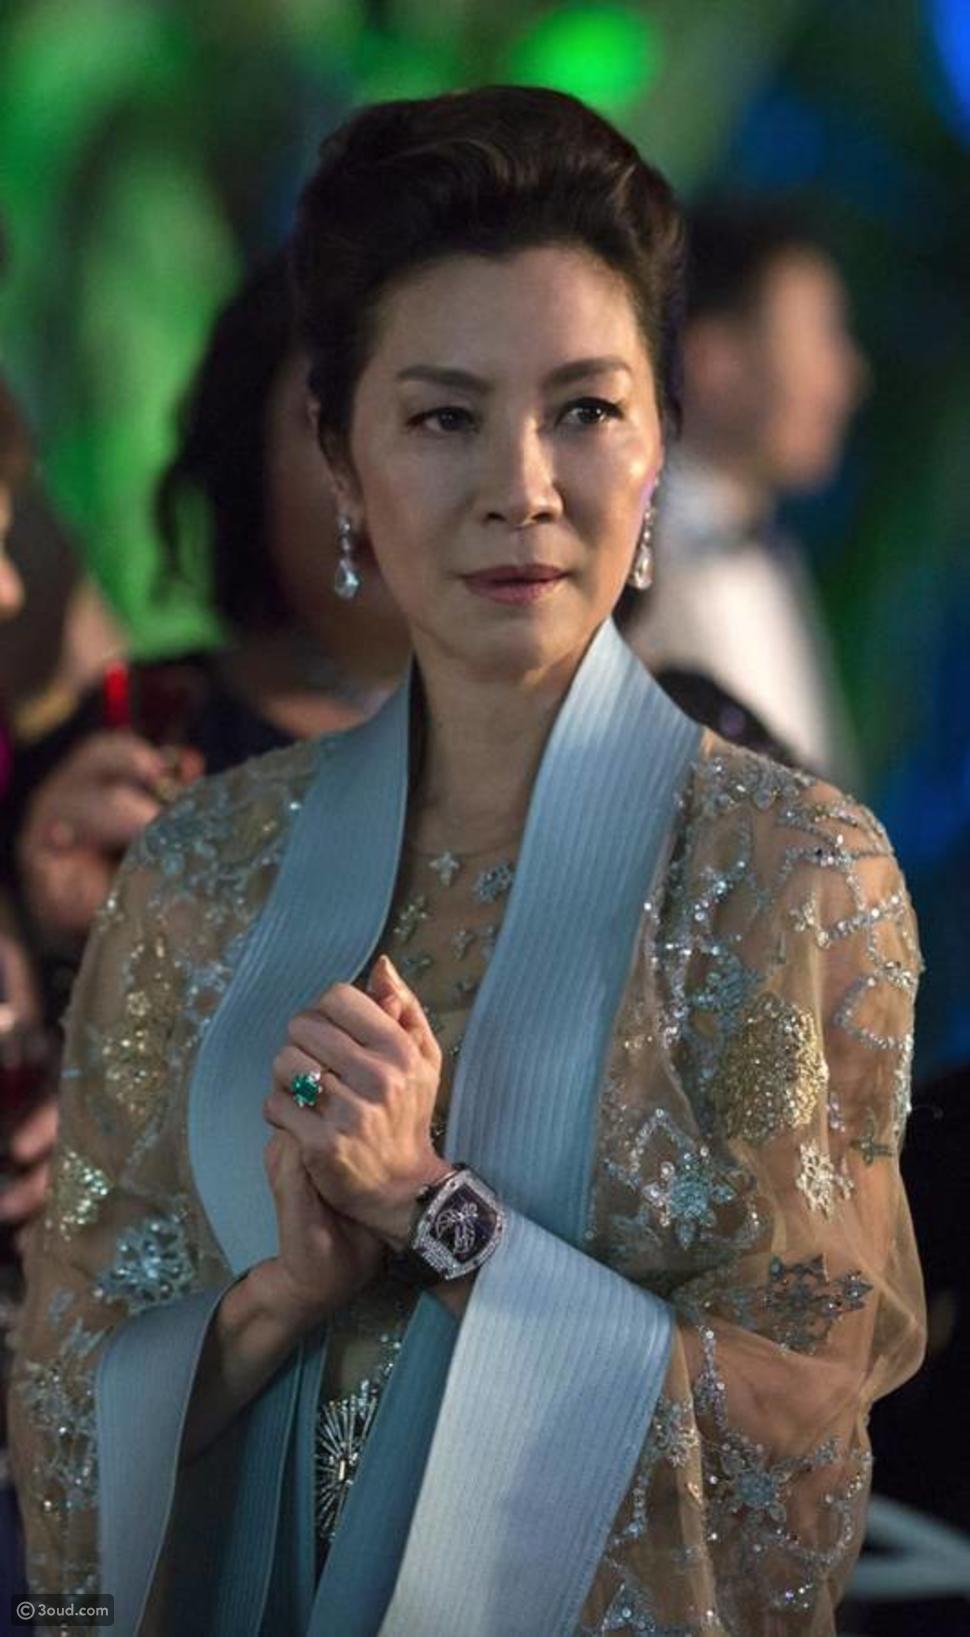 أبطال فيلم Crazy Rich Asians يتزينون مجوهرات معوض